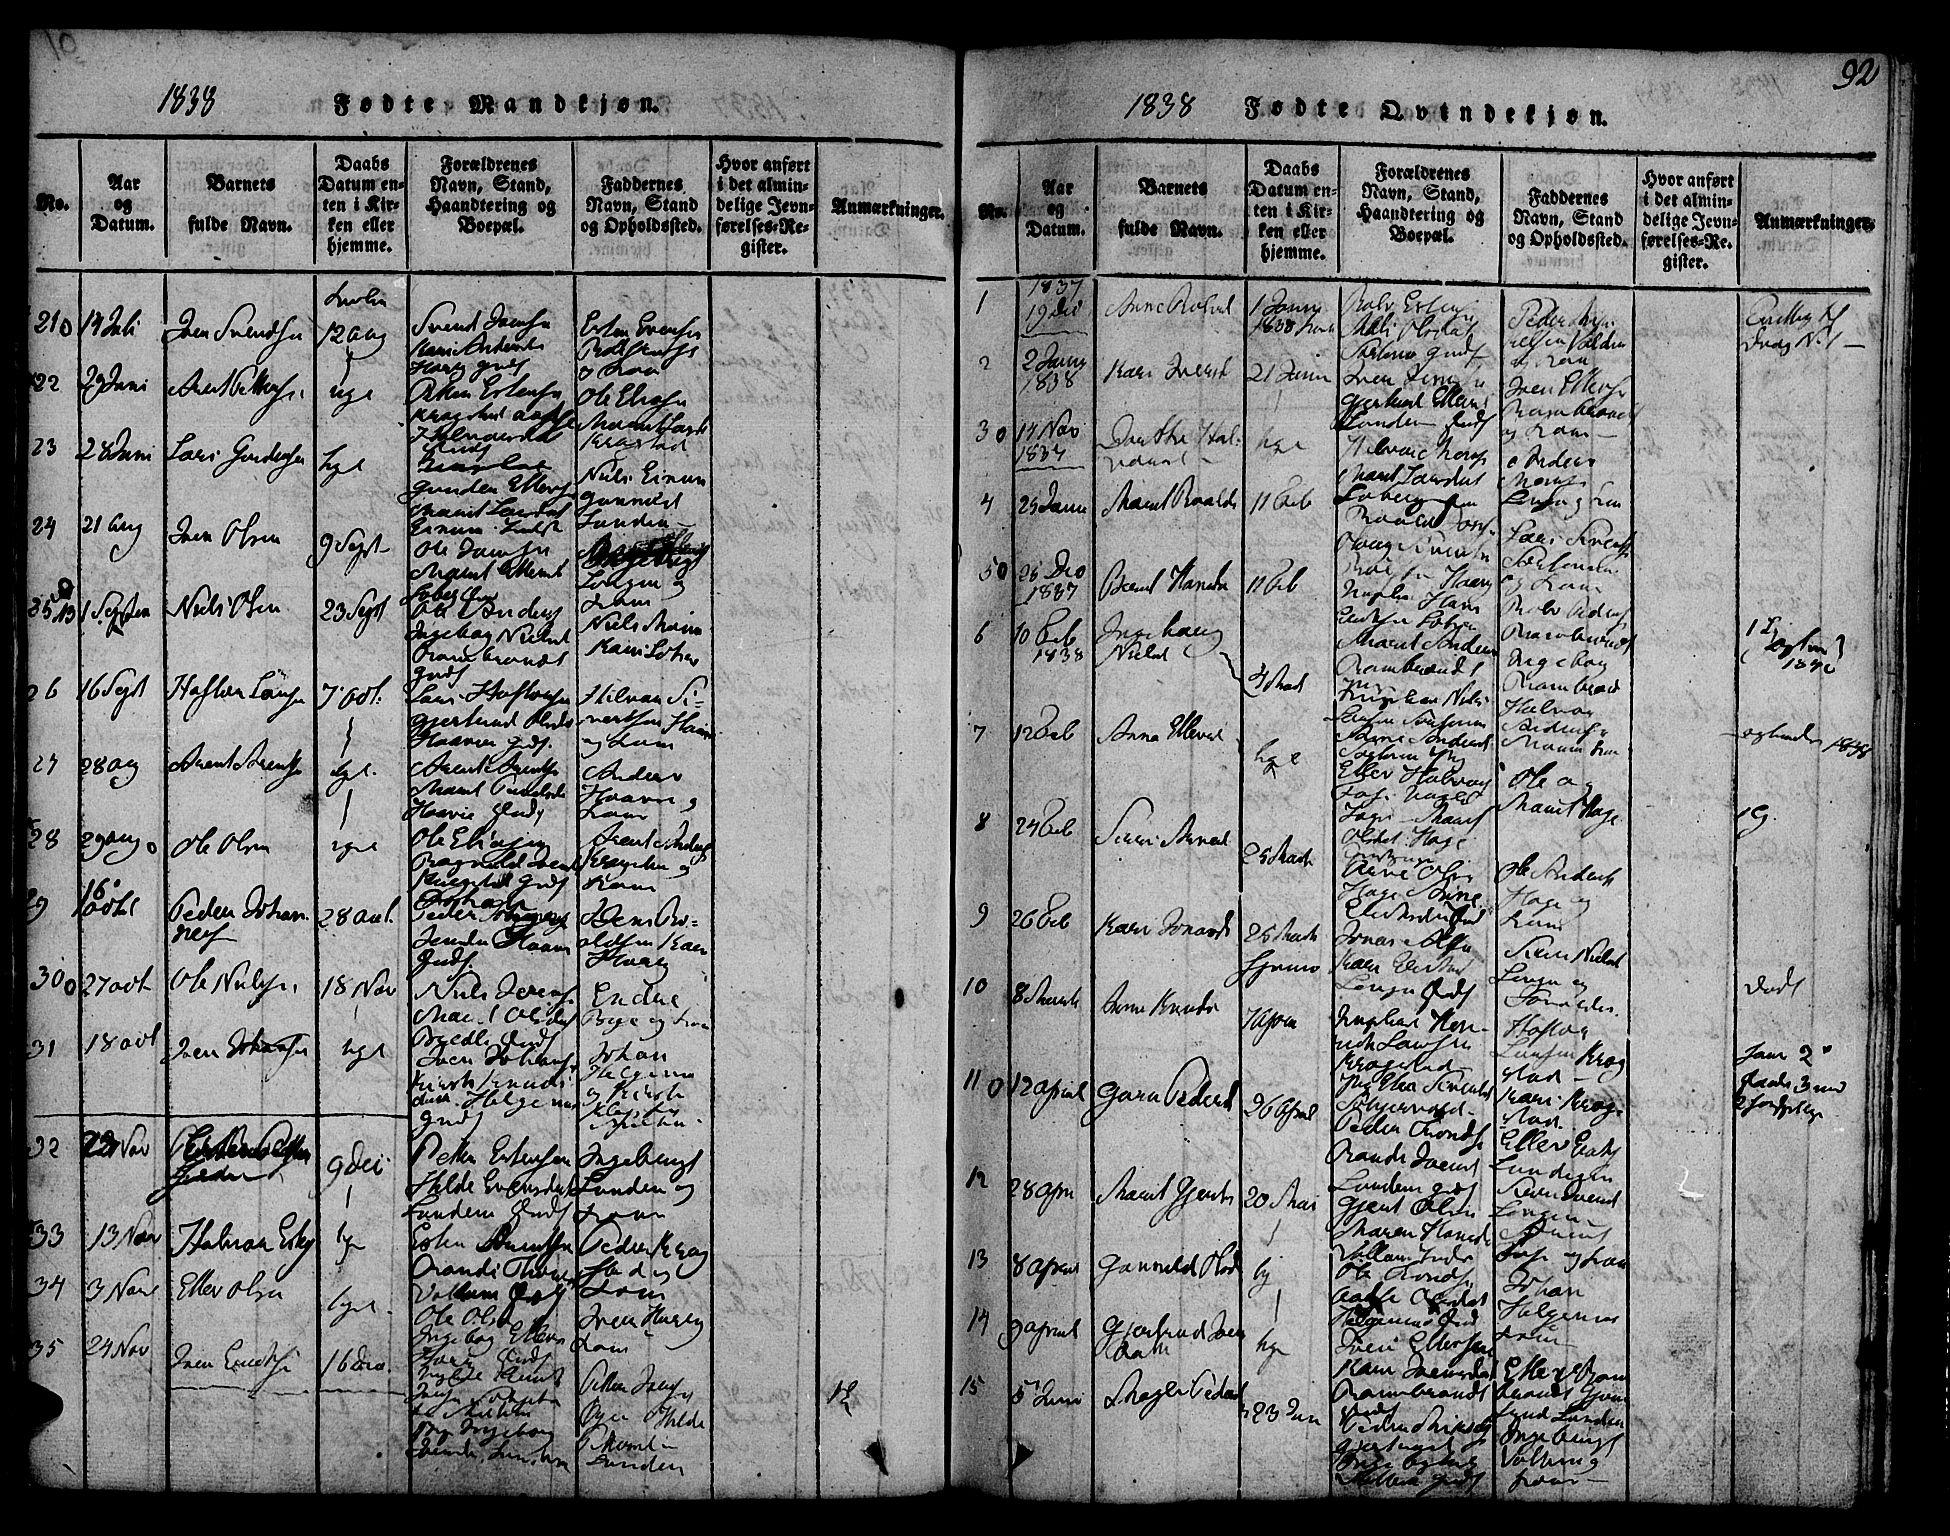 SAT, Ministerialprotokoller, klokkerbøker og fødselsregistre - Sør-Trøndelag, 692/L1102: Ministerialbok nr. 692A02, 1816-1842, s. 92